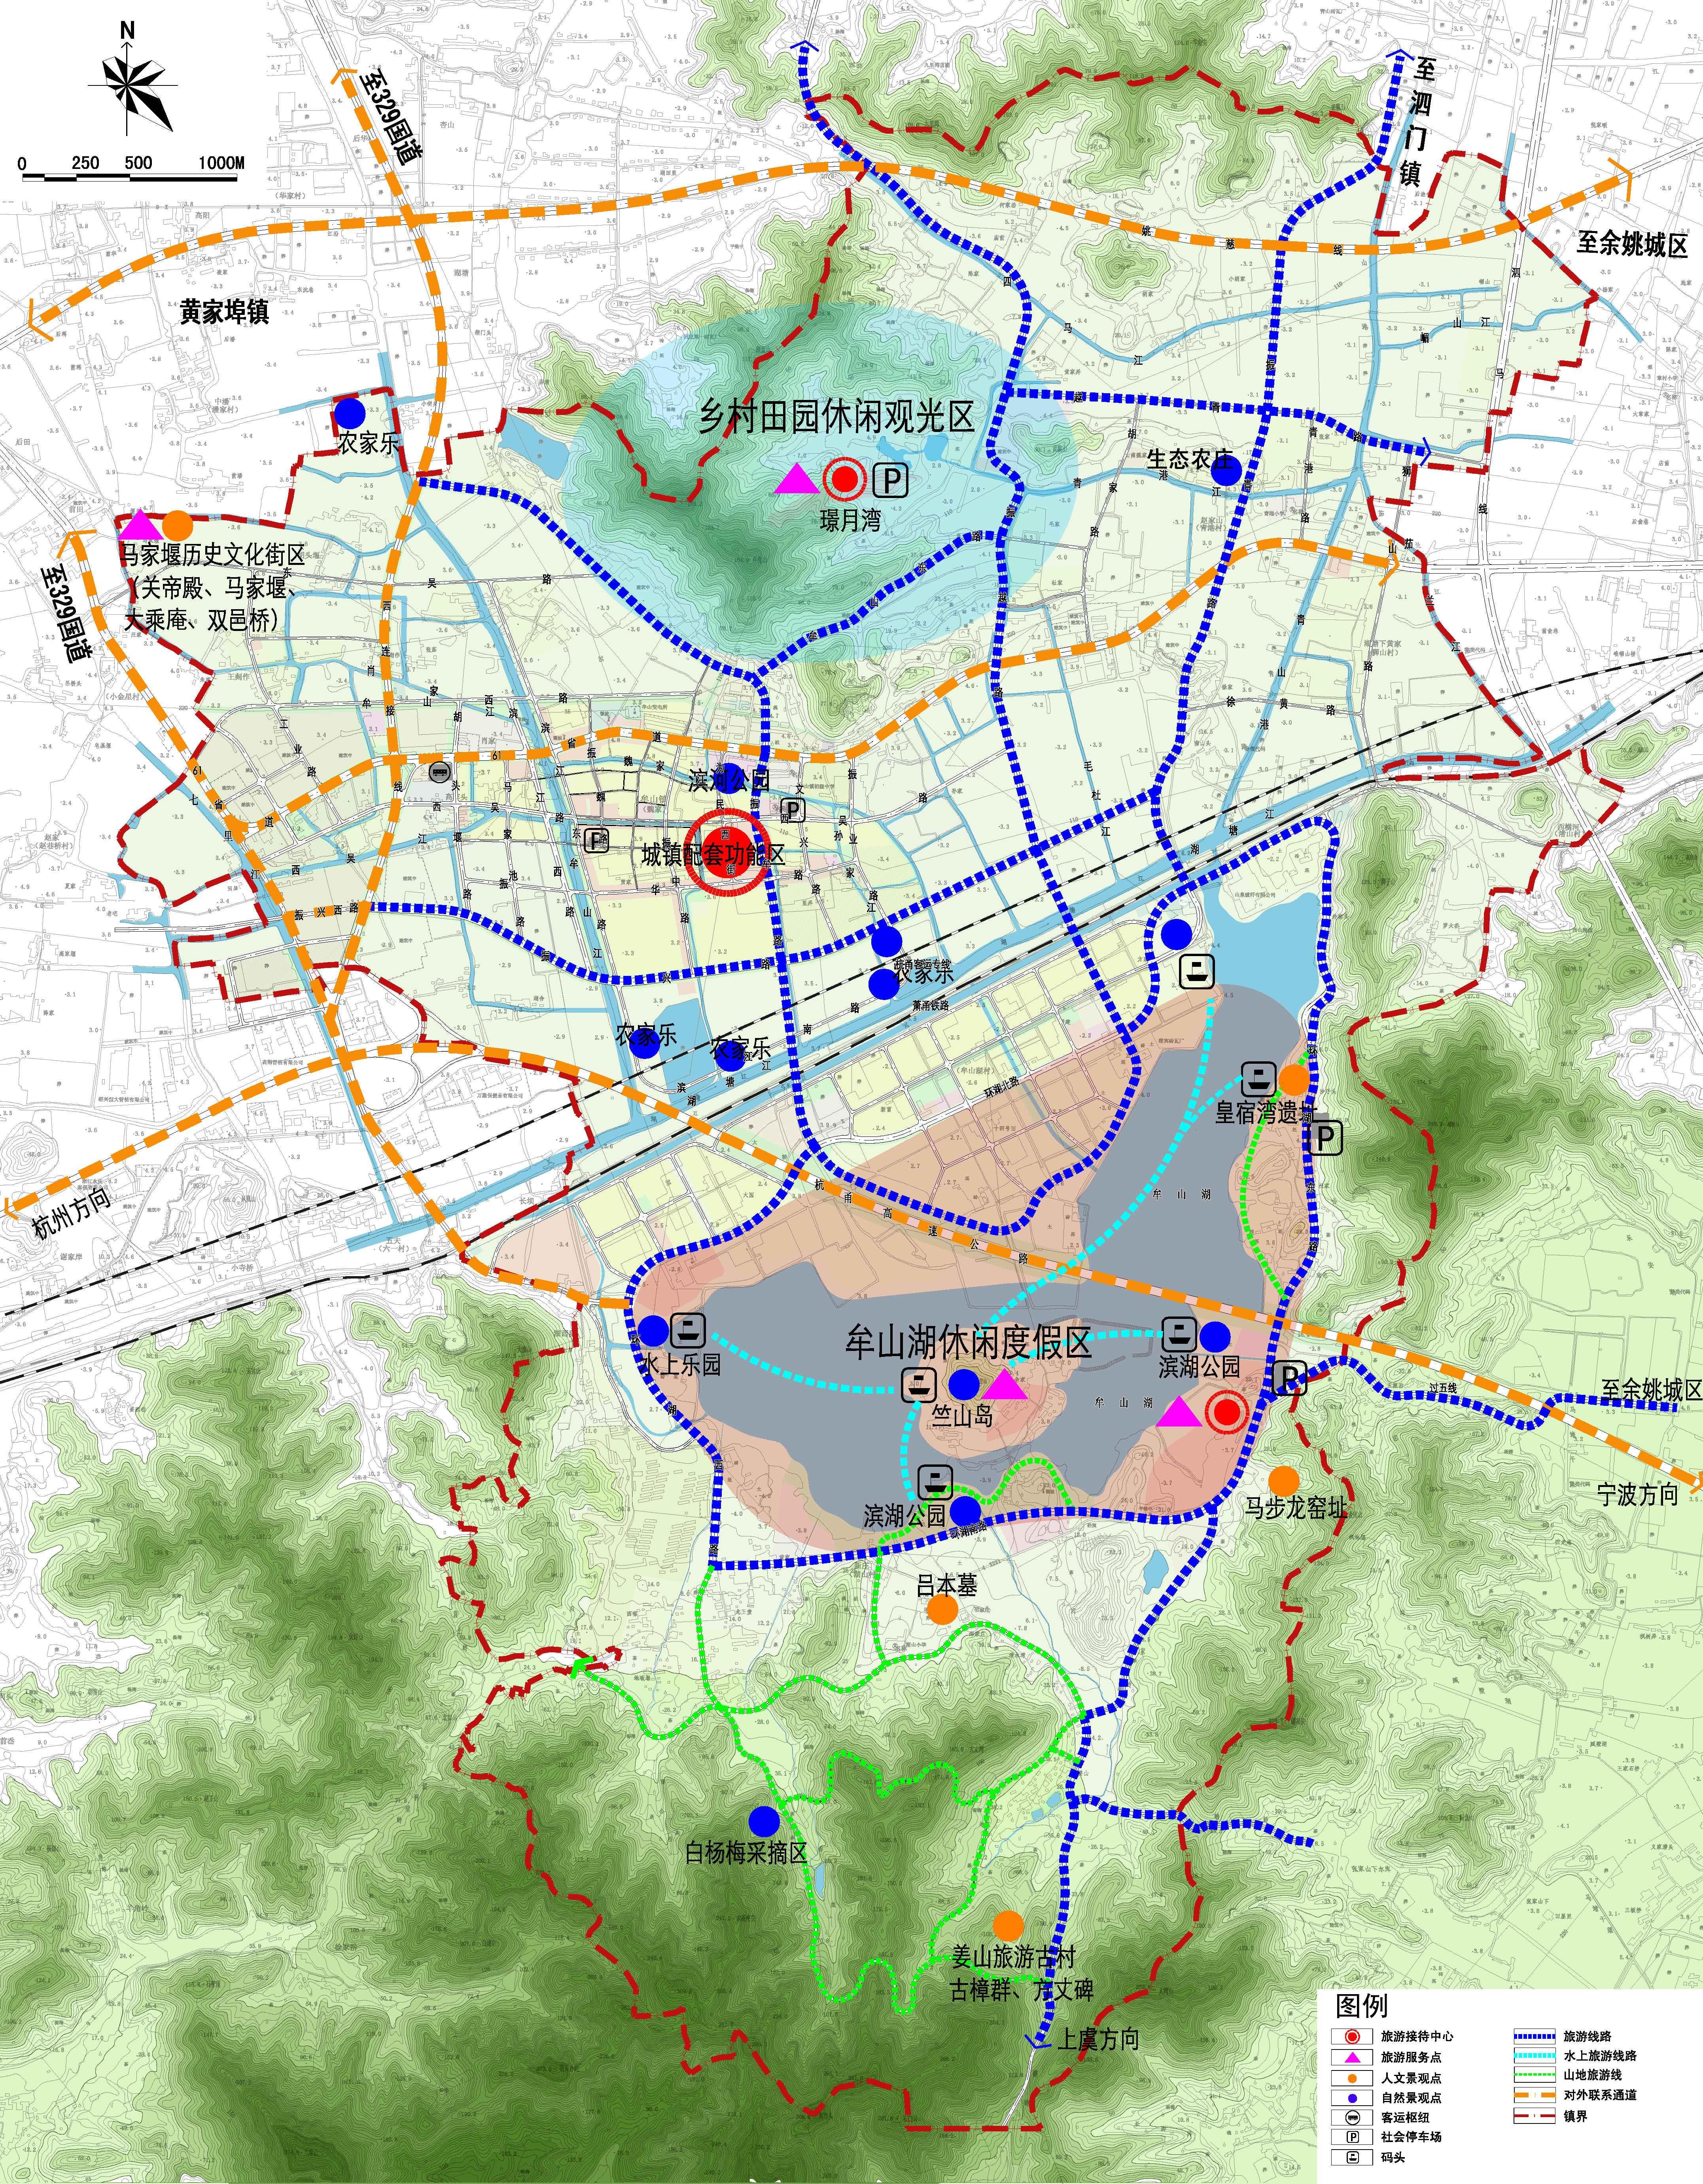 旅游系统规划图